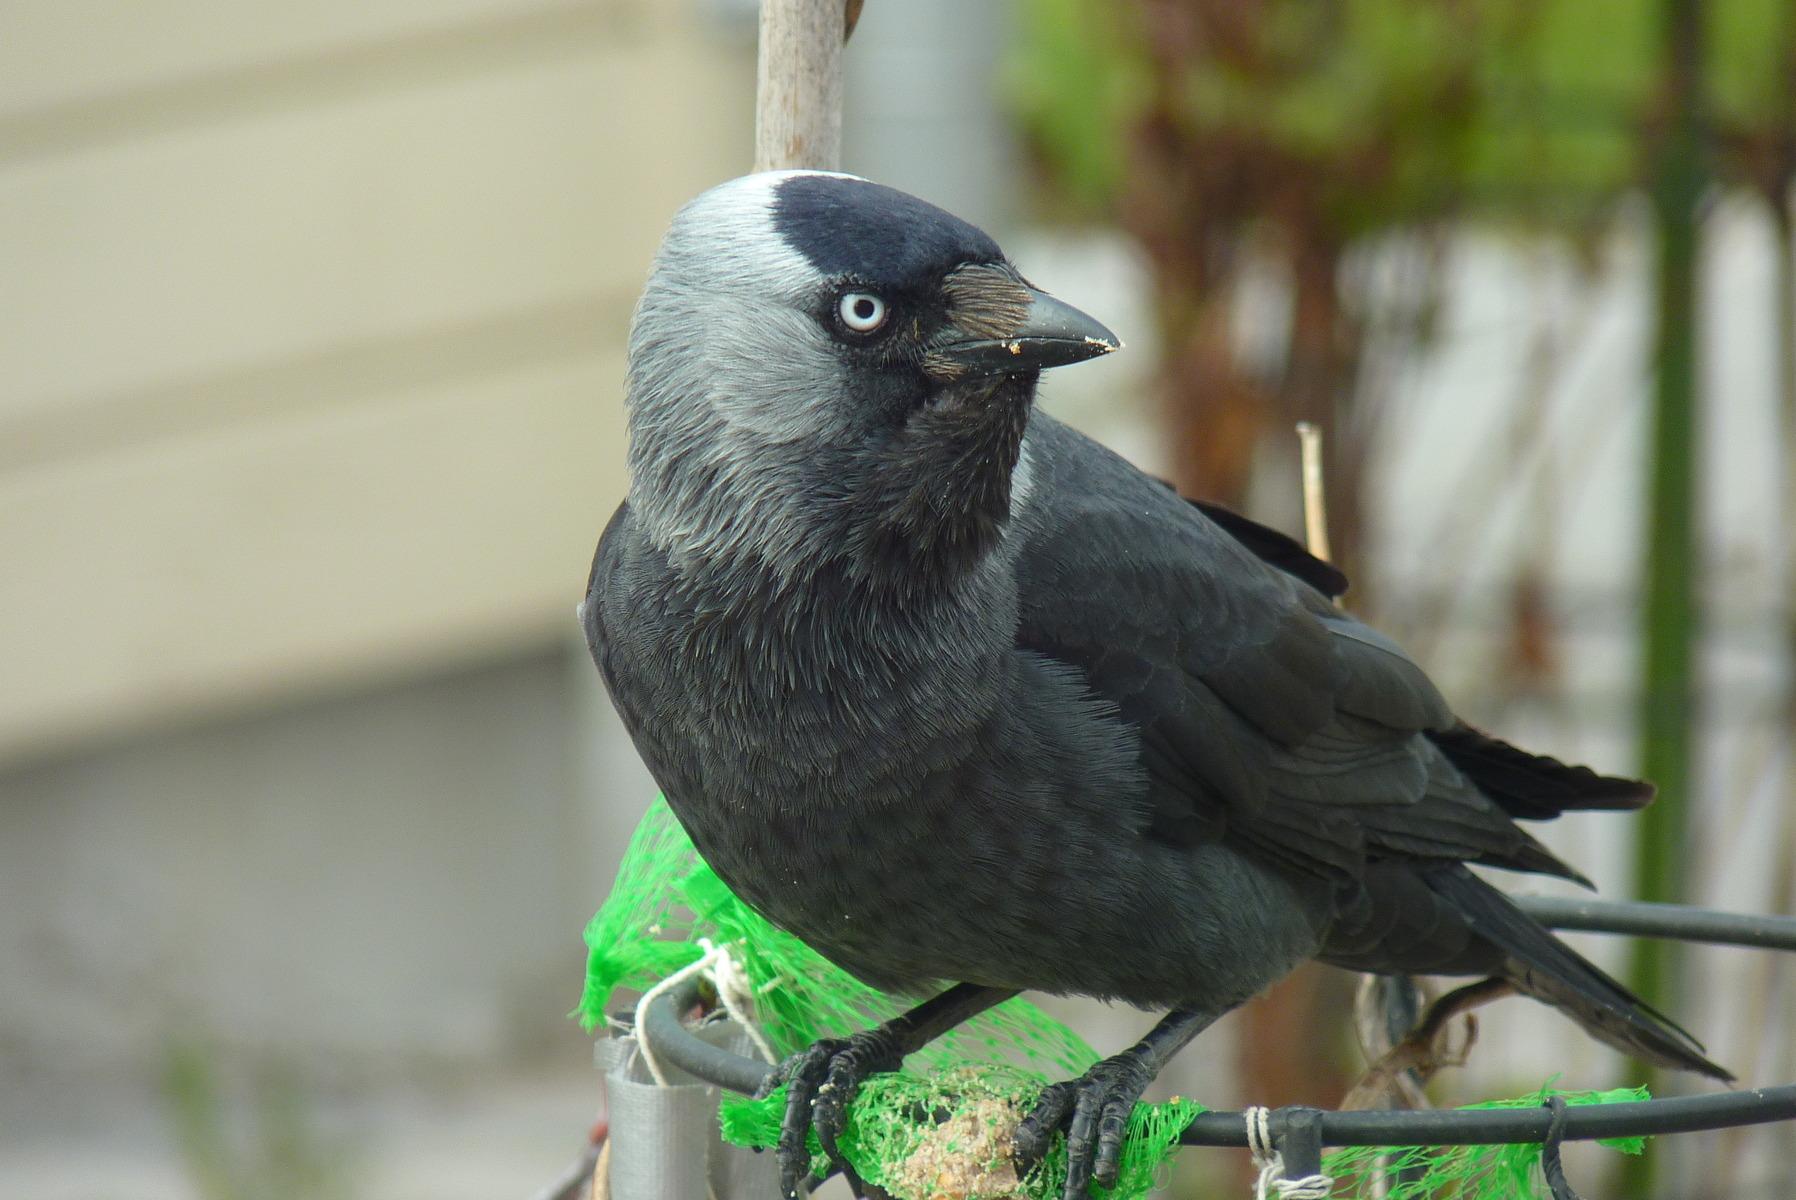 skrämma bort fåglar från altan